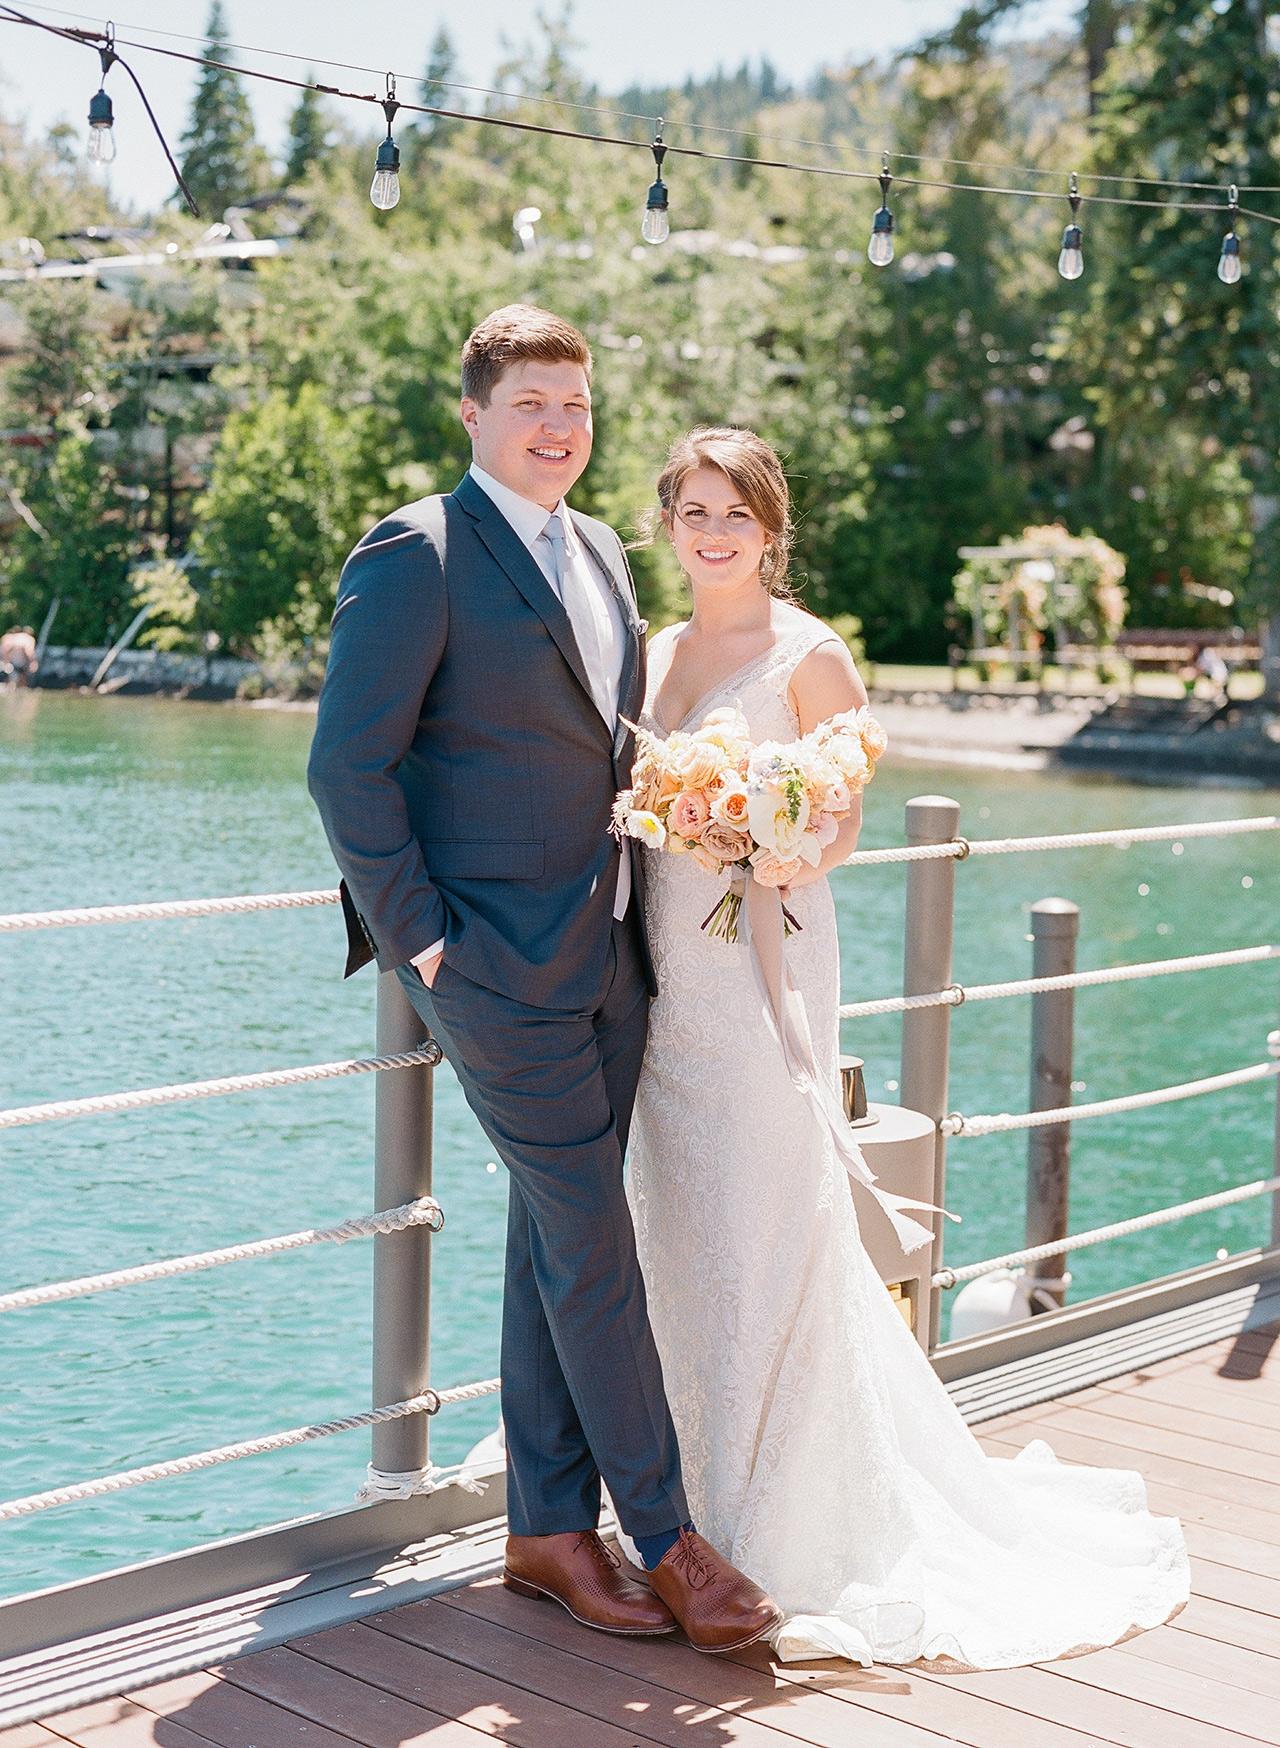 bride groom pose on lake dock forrest background